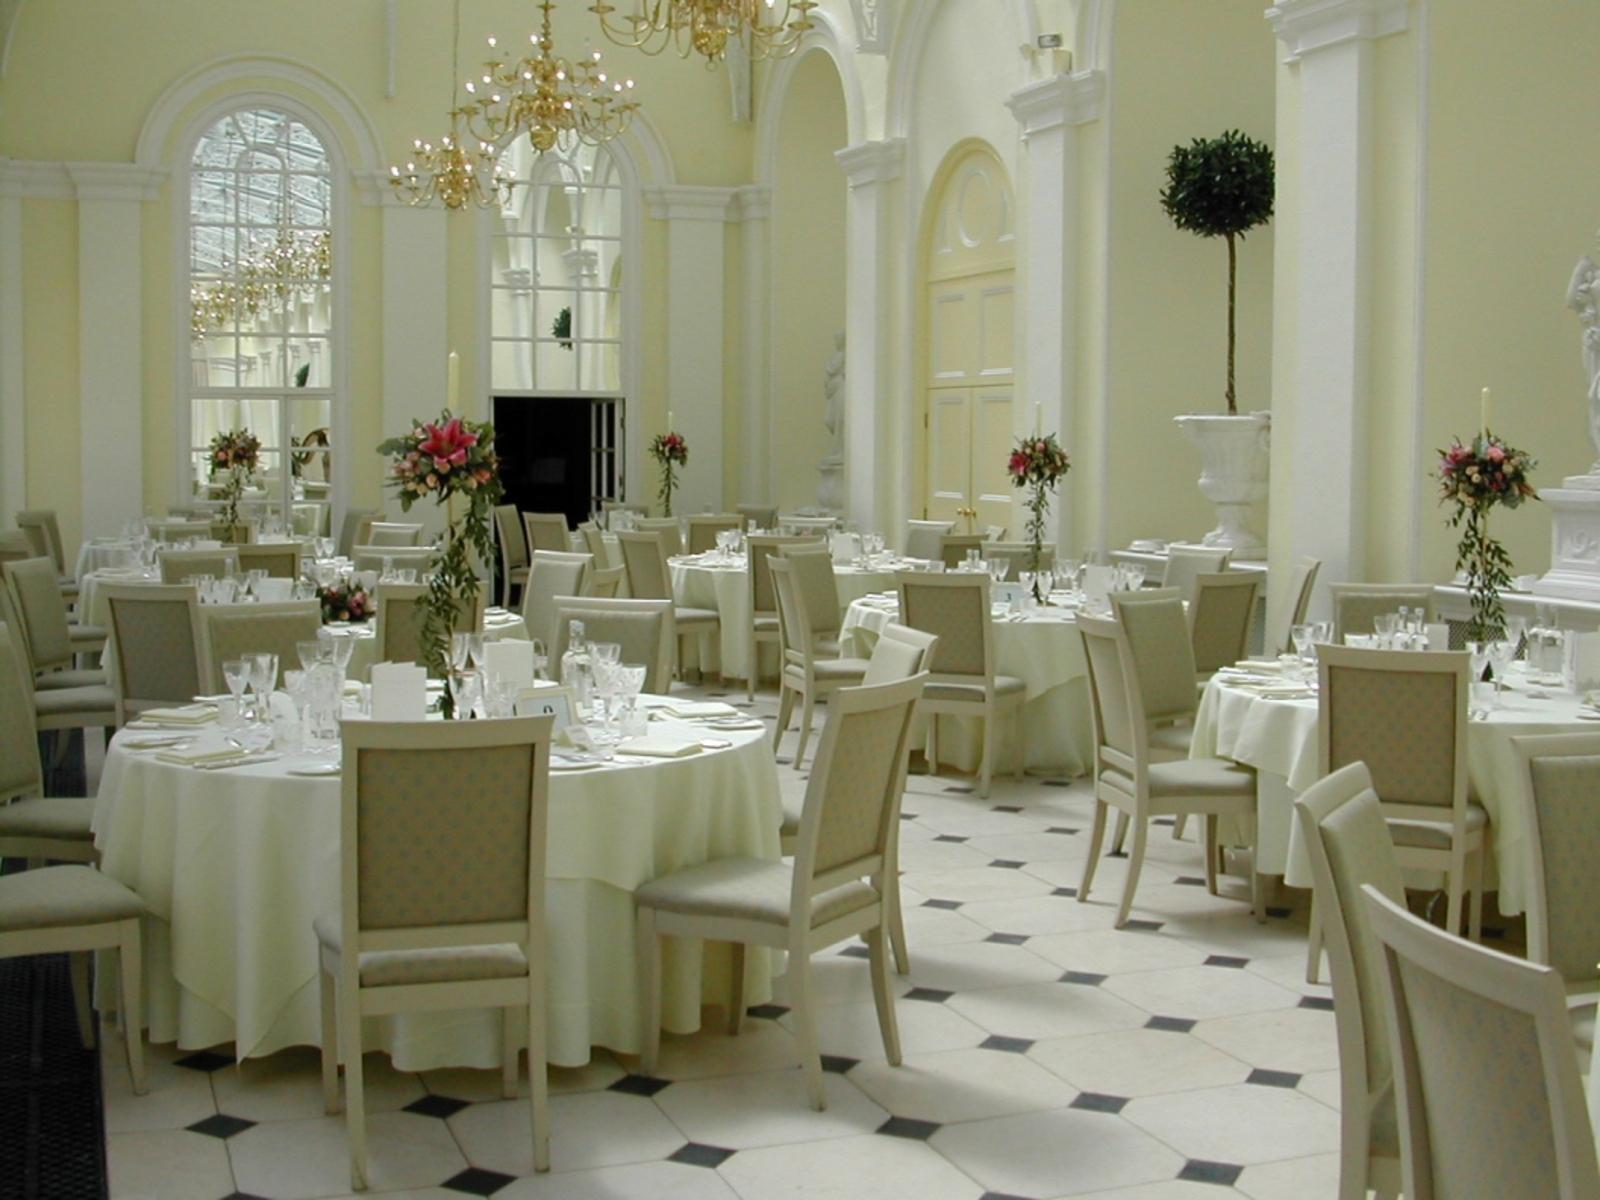 Tischdeko Inspirationen für Hochzeitsfeier Wir sagen Ja